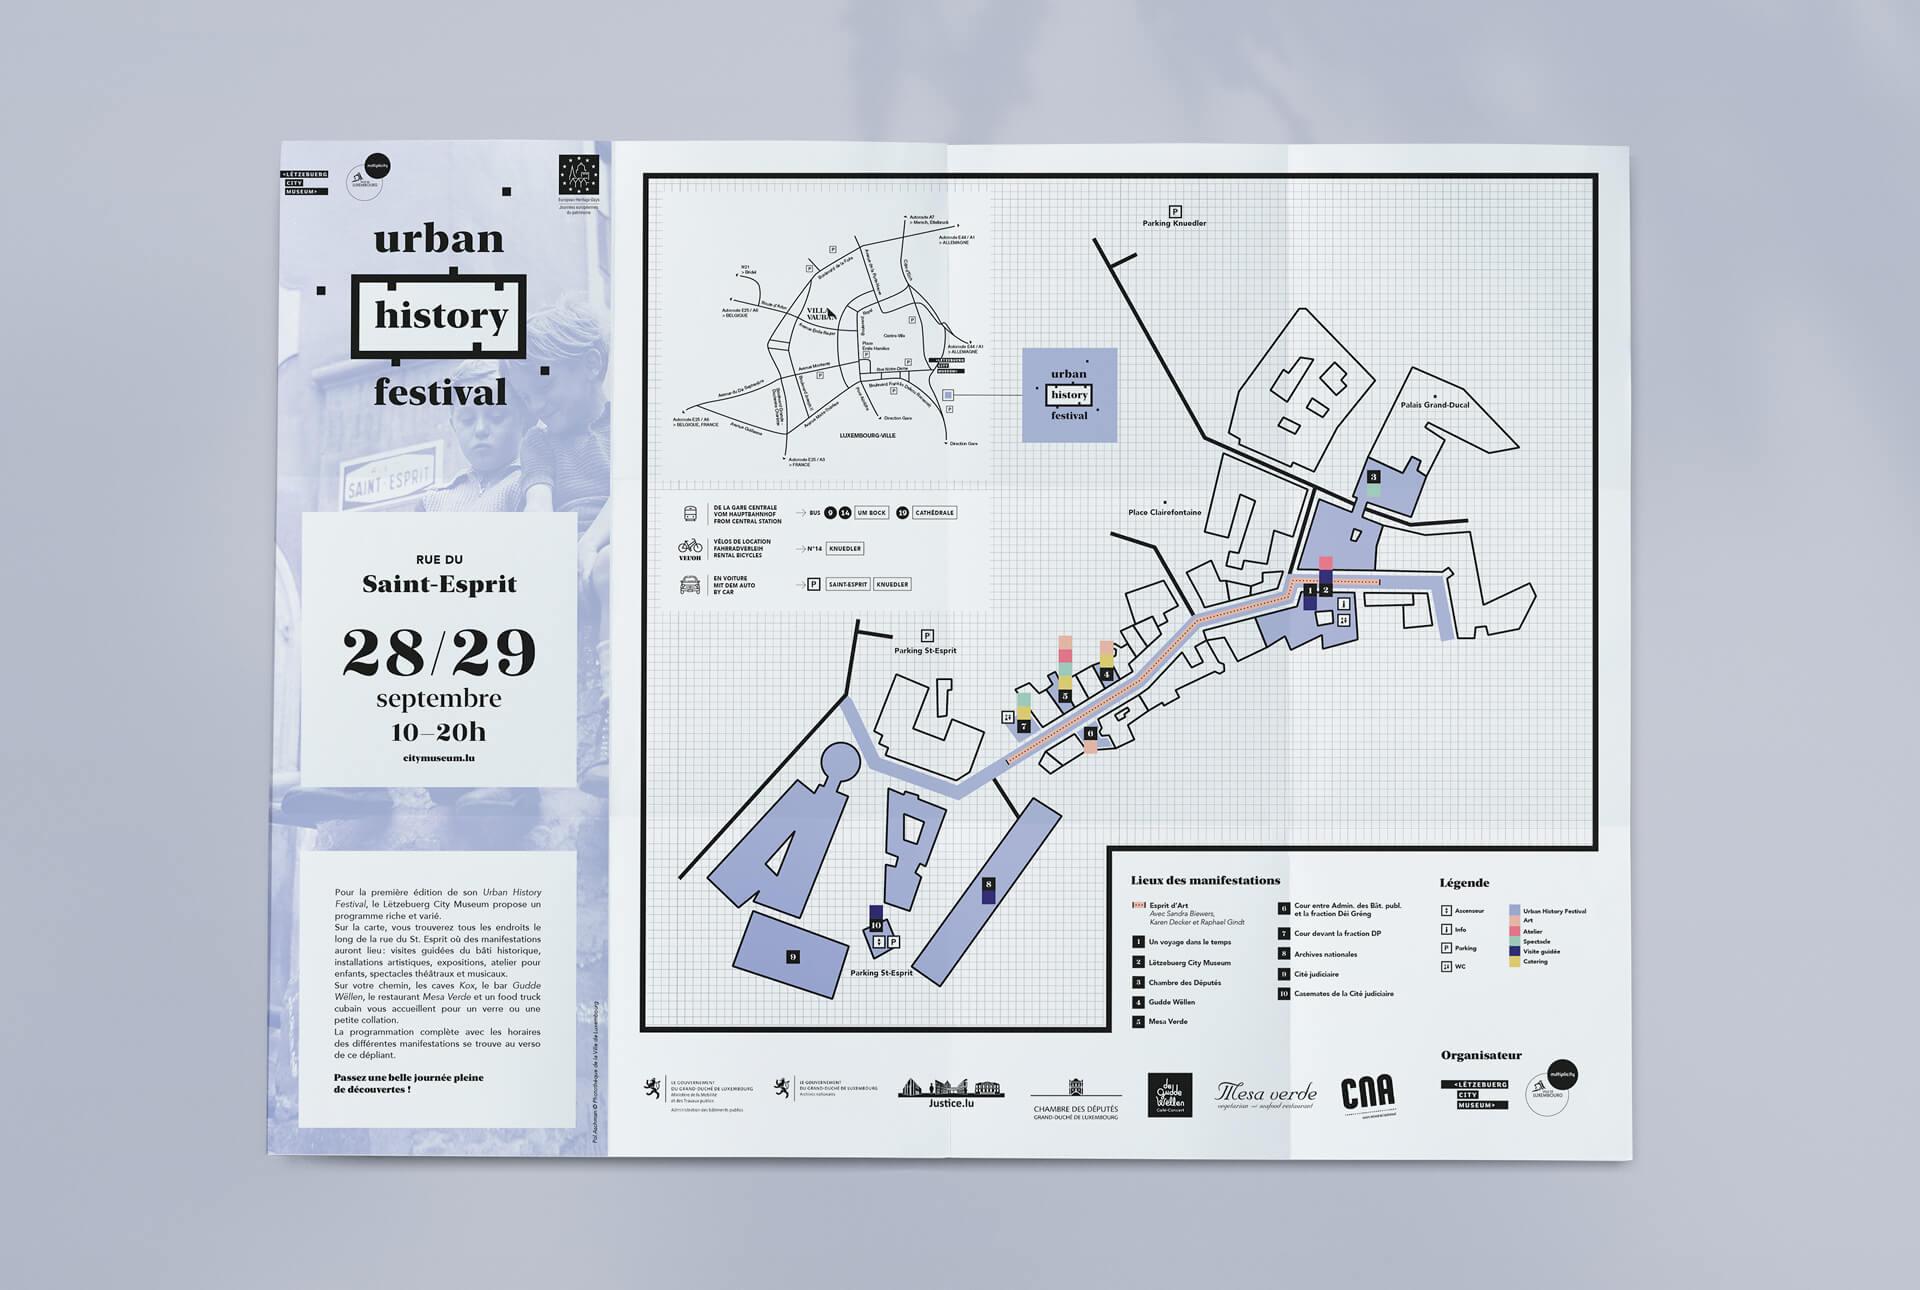 Dépliant conçu pour guider les visiteurs lors de l'Urban History Festival au Luxembourg